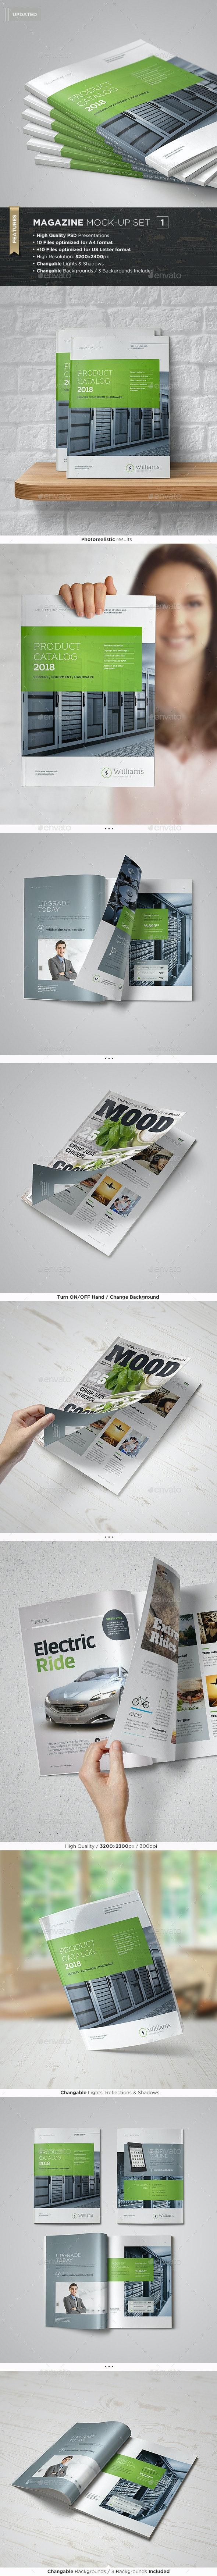 Magazine Mock-Up Set - Magazines Print